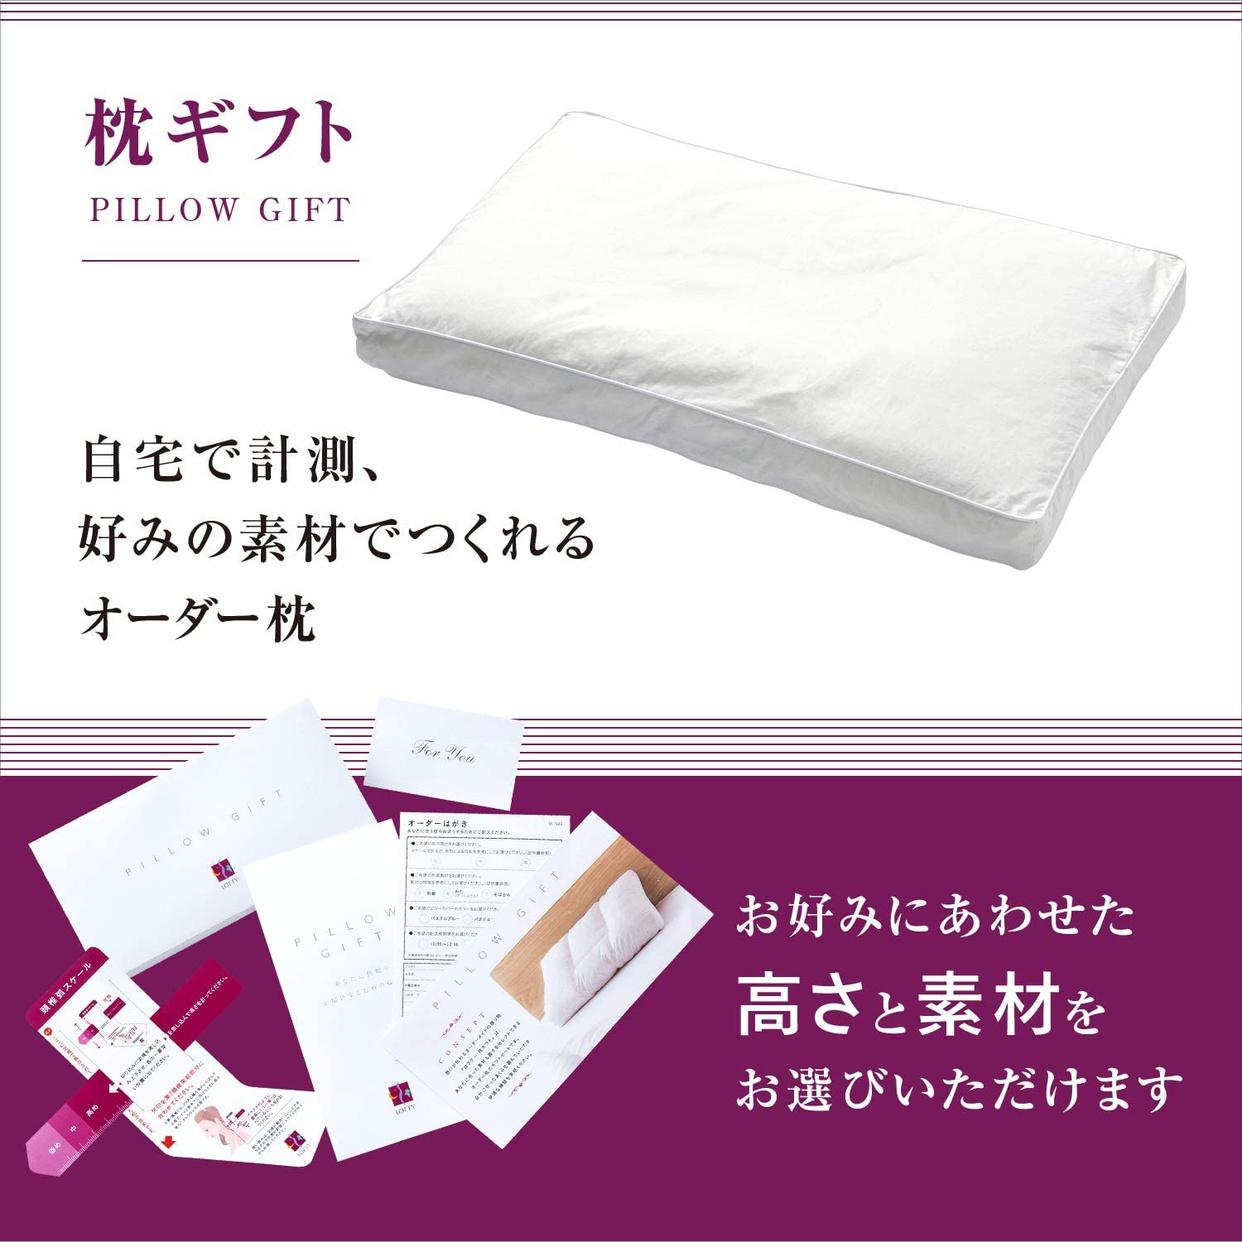 LOFTY(ロフテー) 枕ギフトの商品画像